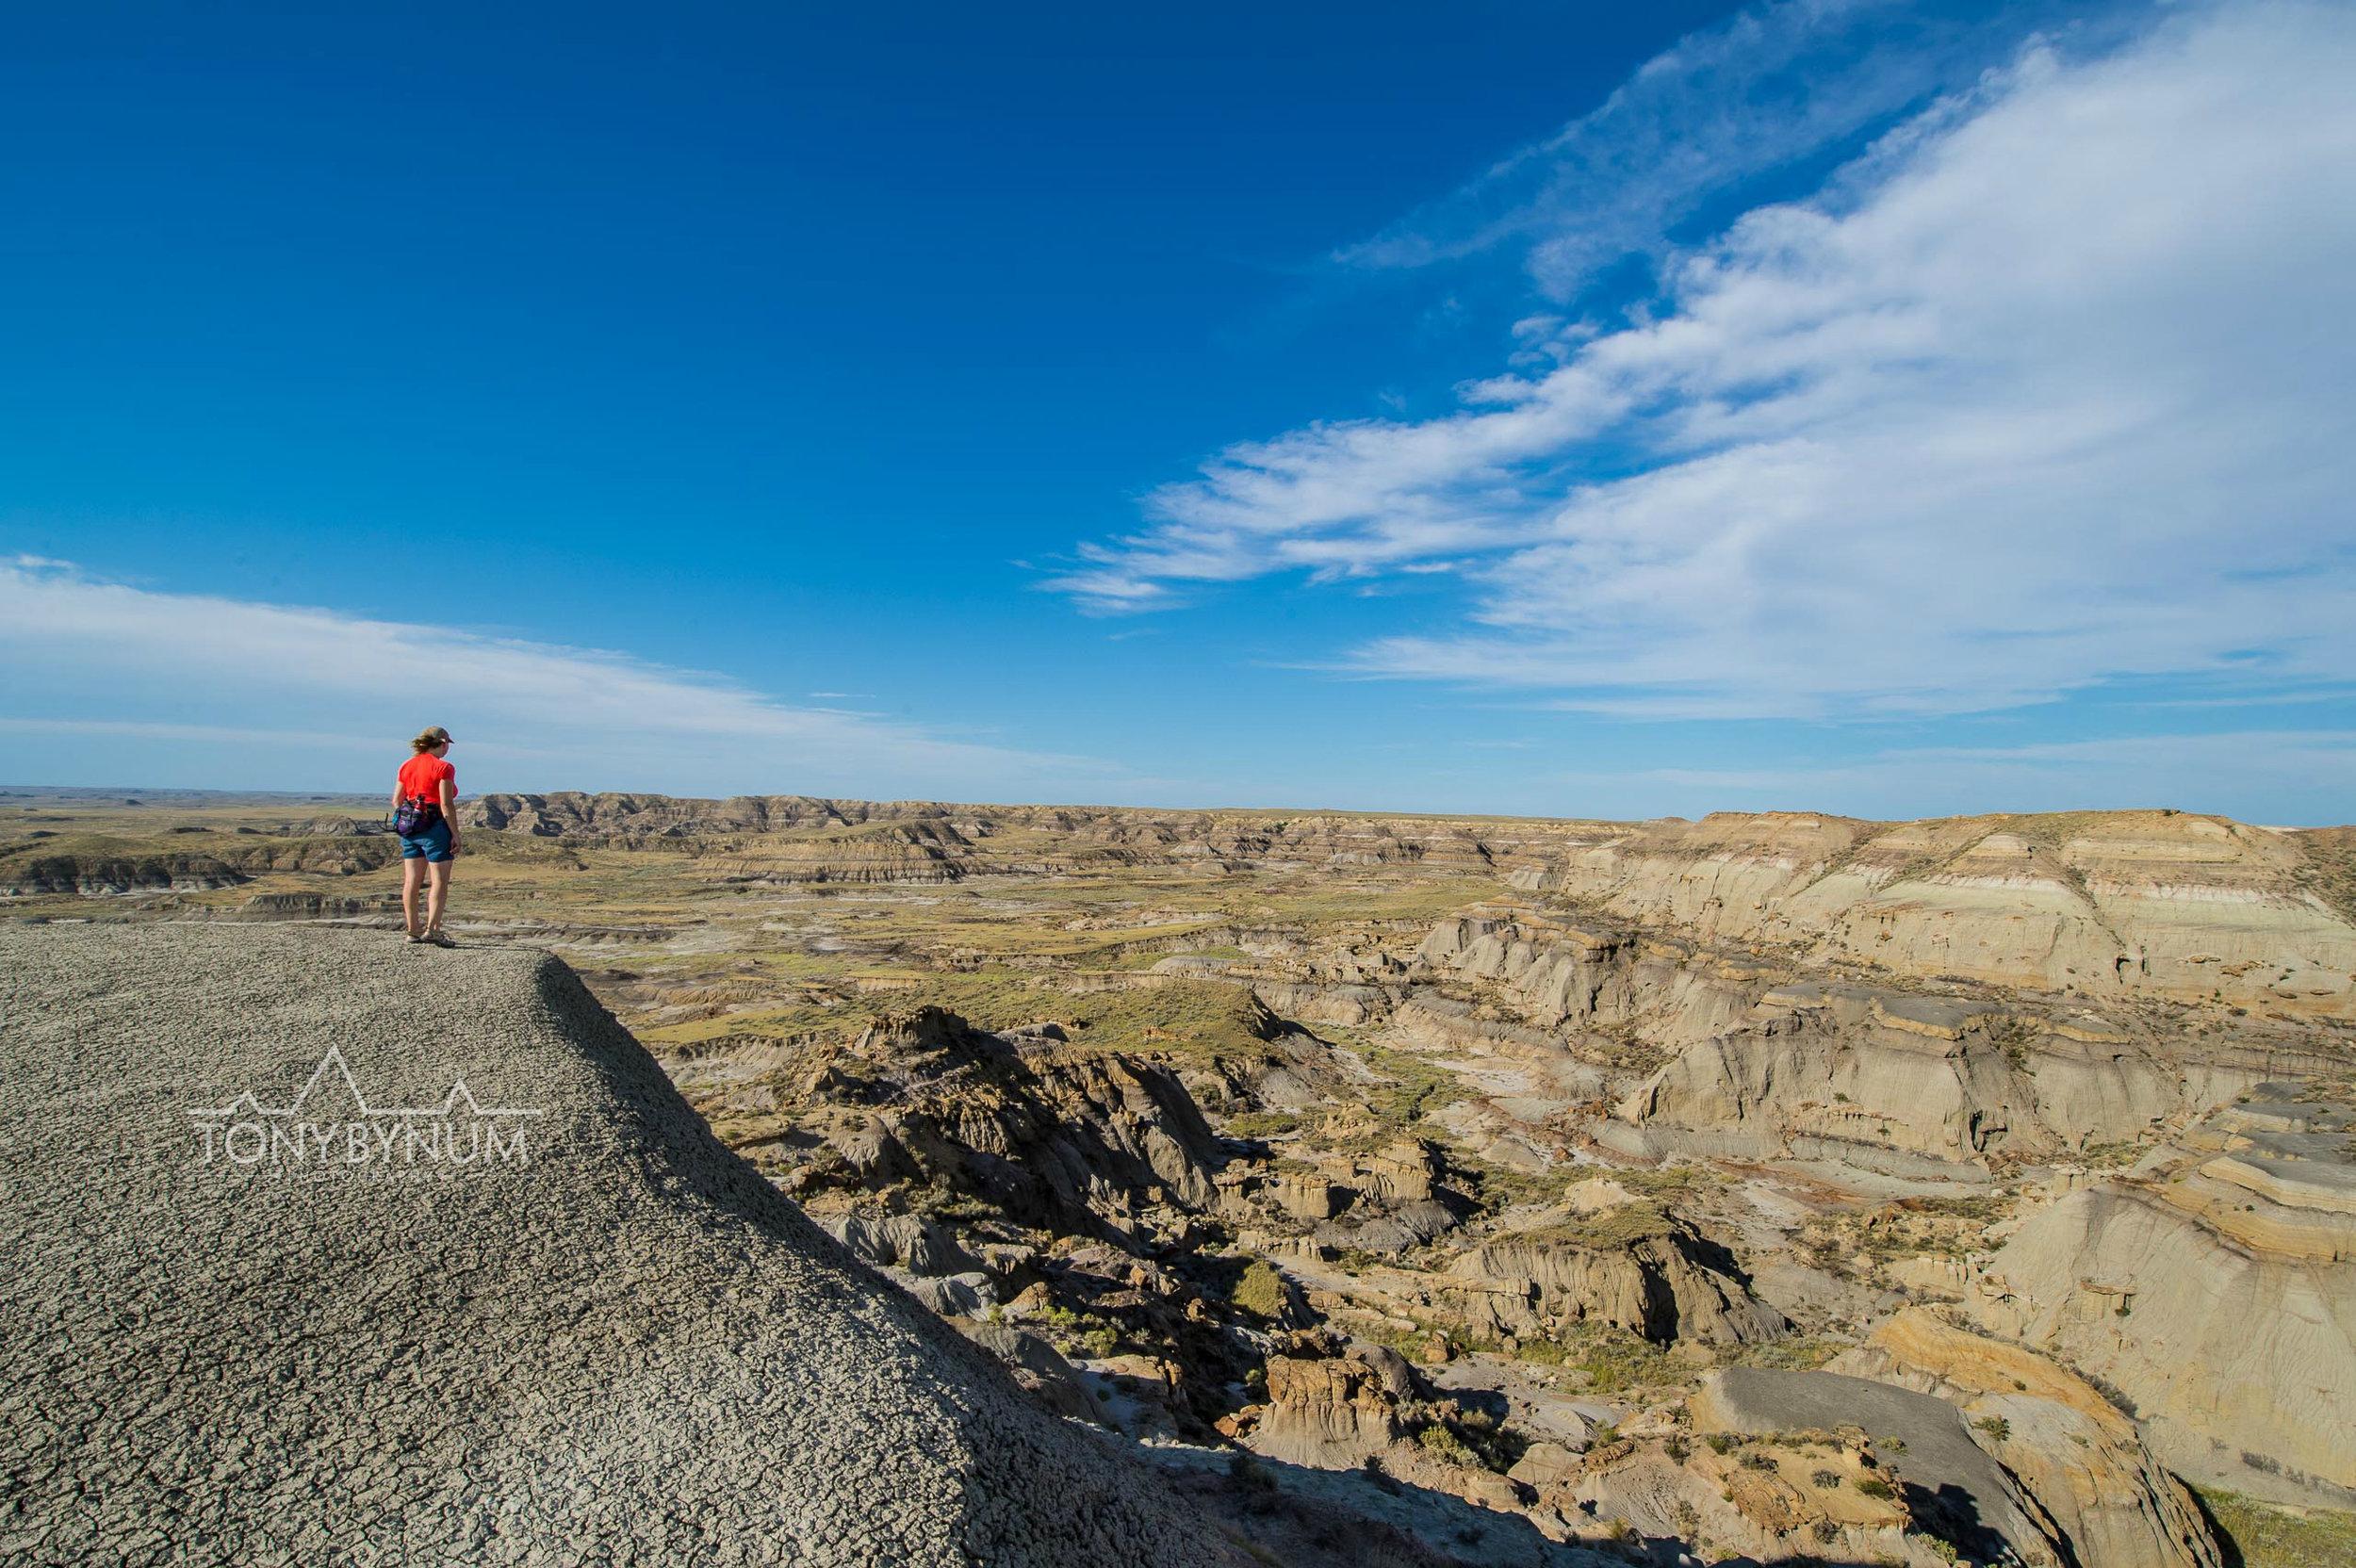 montana prairie view